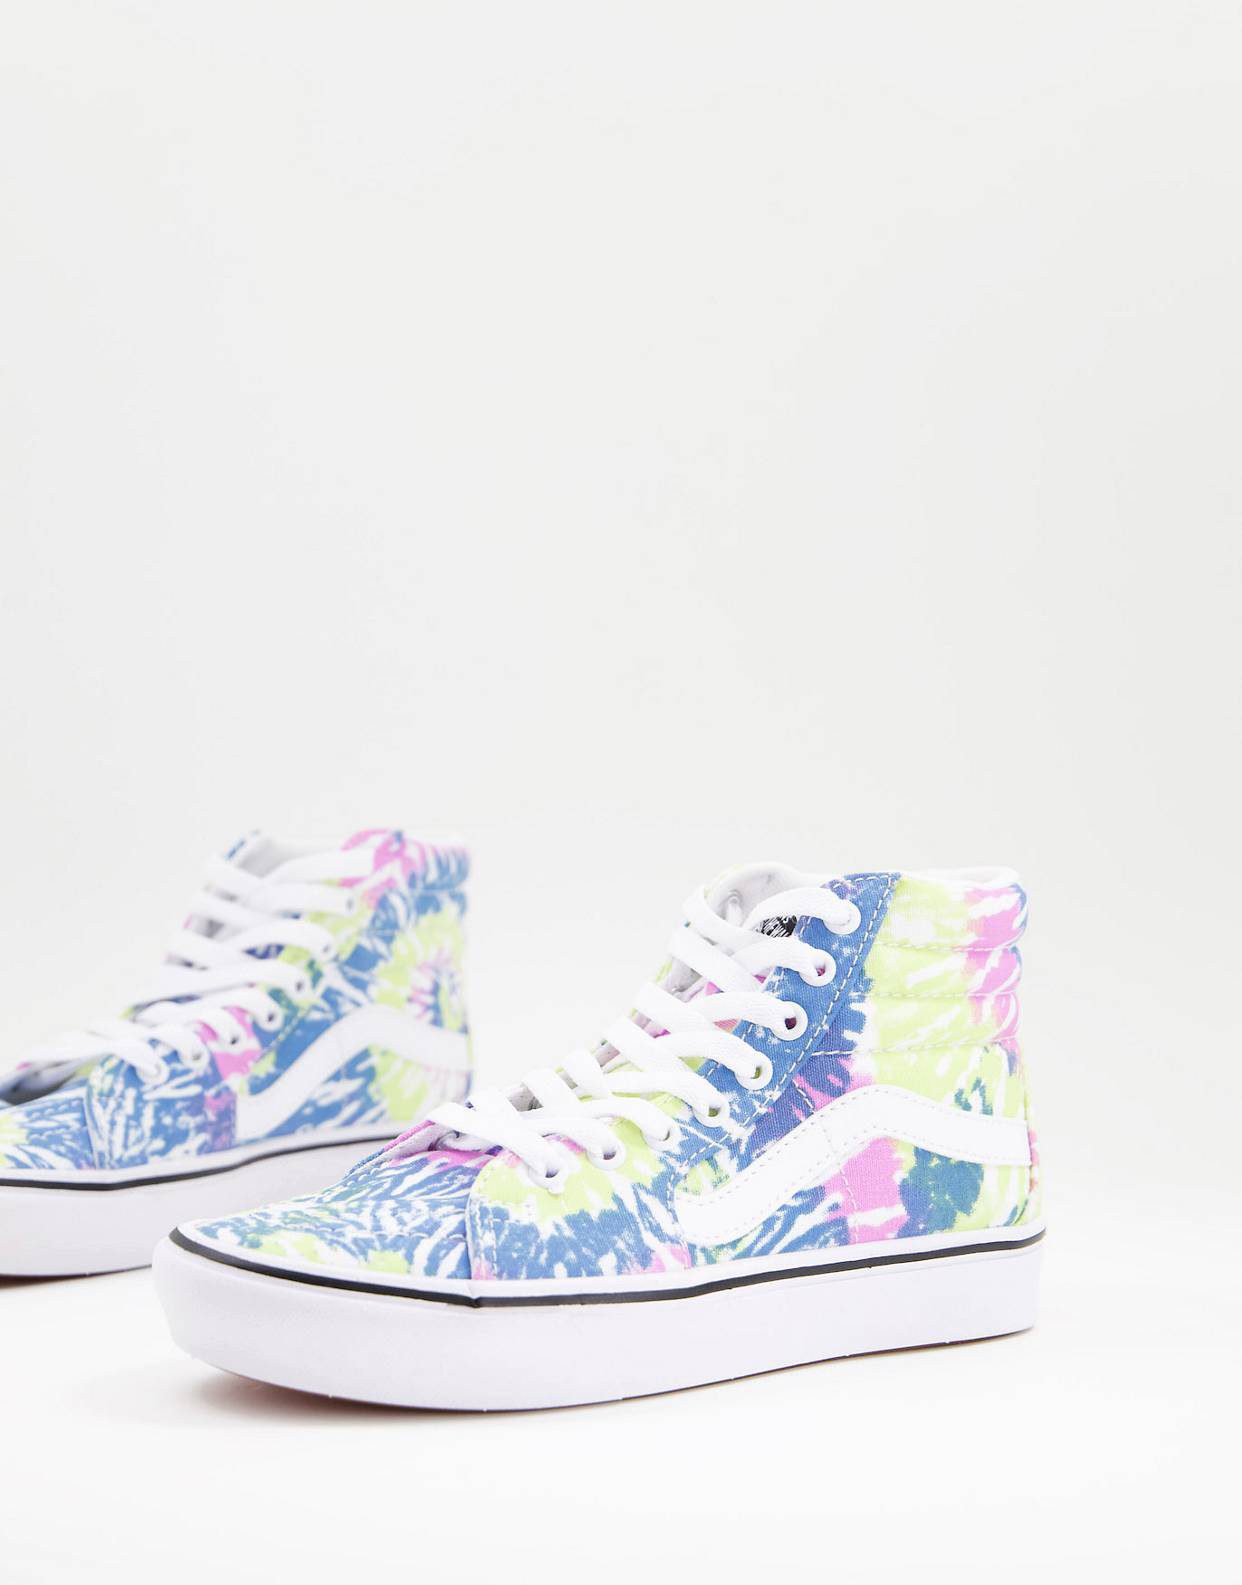 Zapatillas de Vans modelo Sk8-Hi